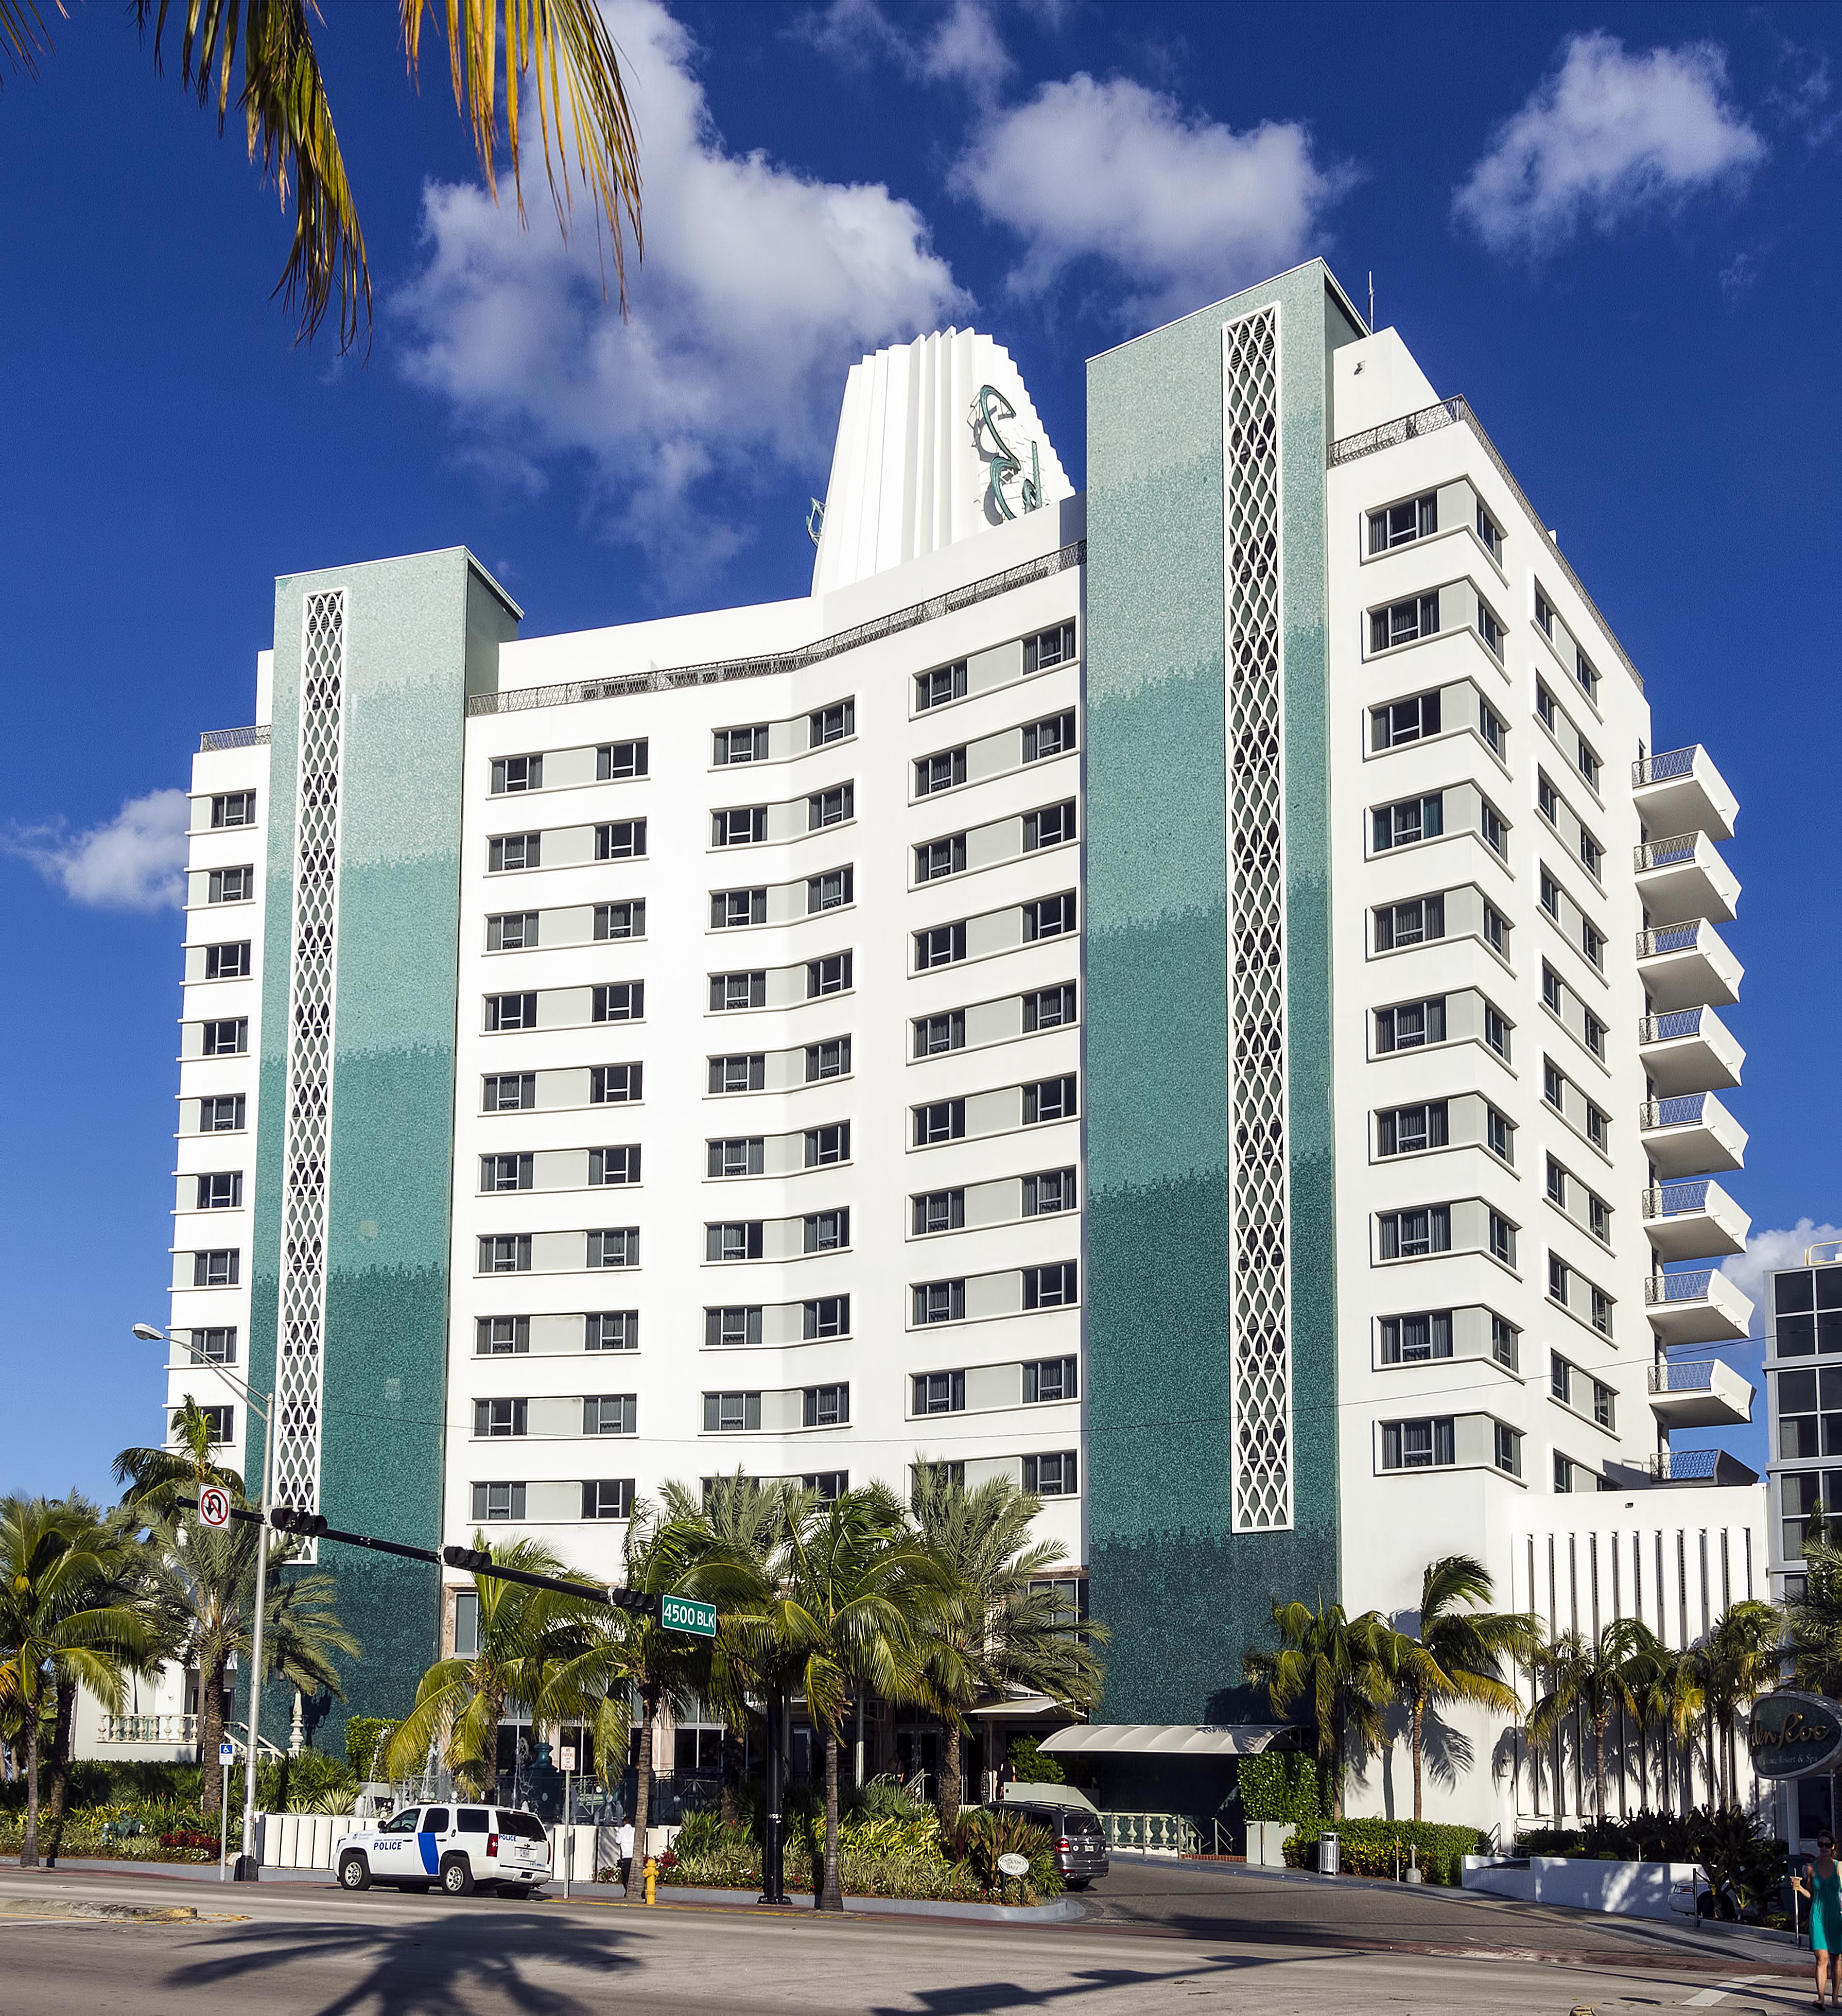 Eden Roc Miami Beach Hotel - Wikipedia